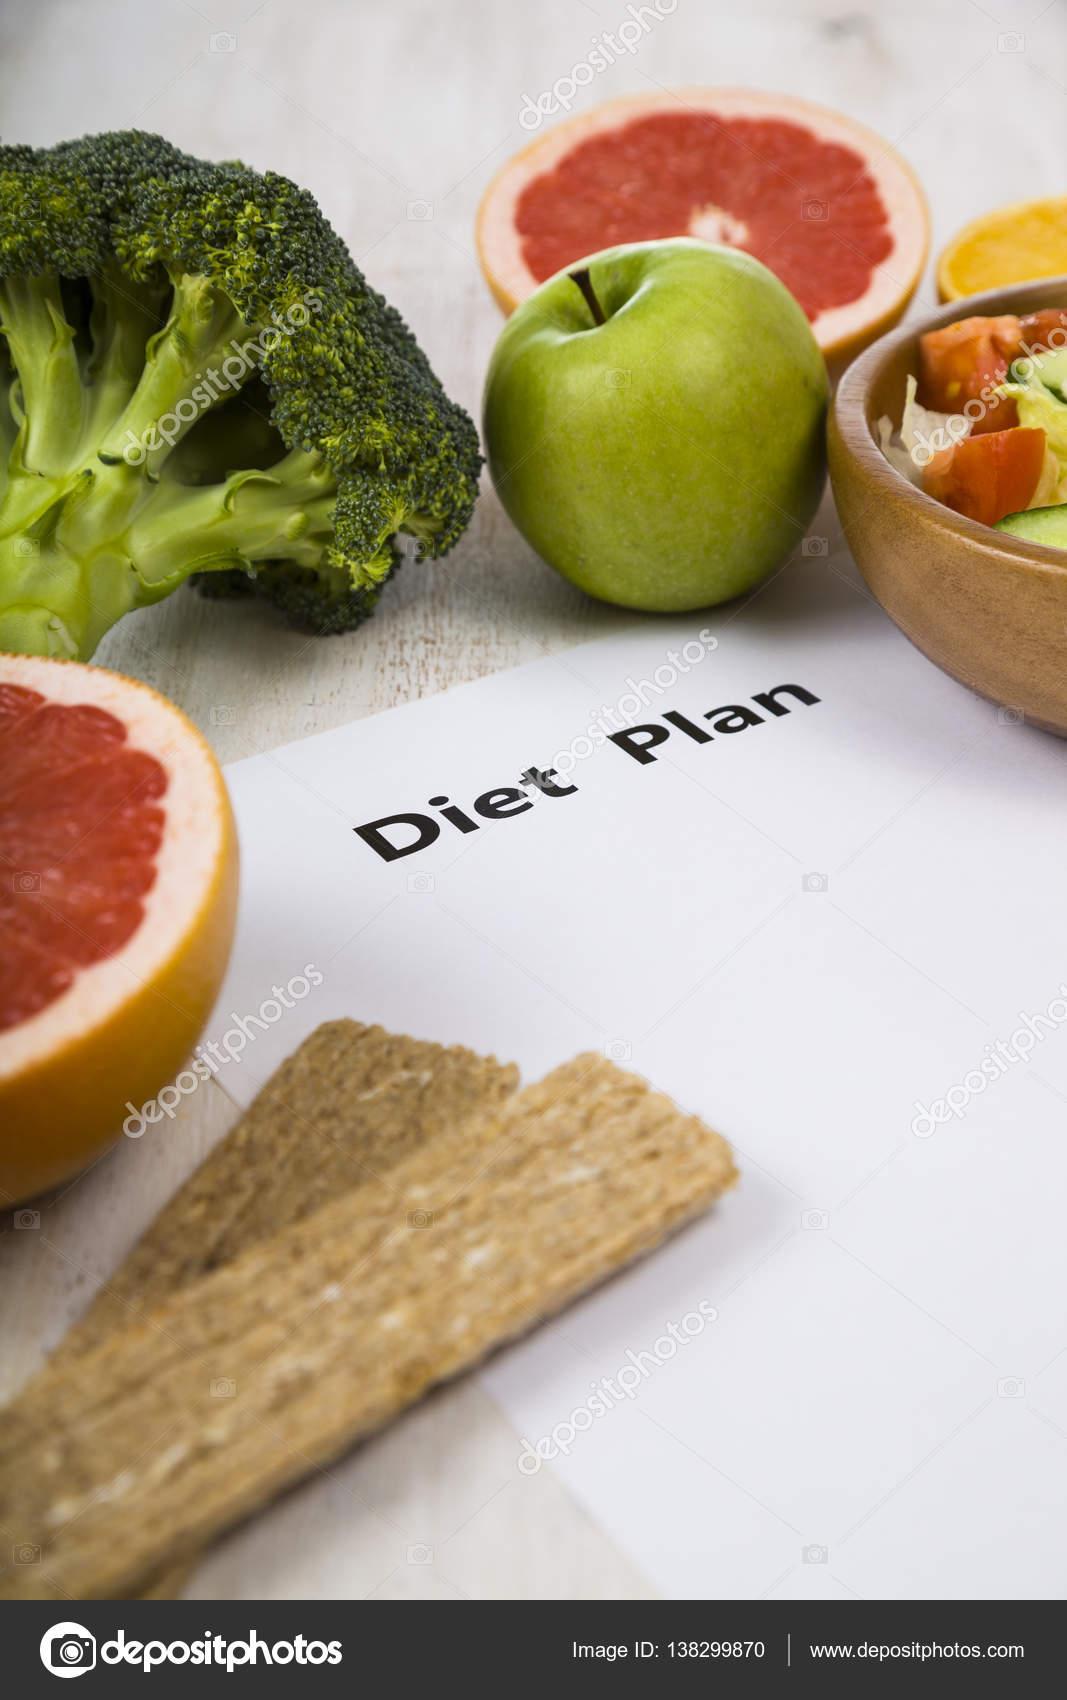 Essen Und Blatt Papier Mit Einer Diat Plan Auf Einem Holztisch